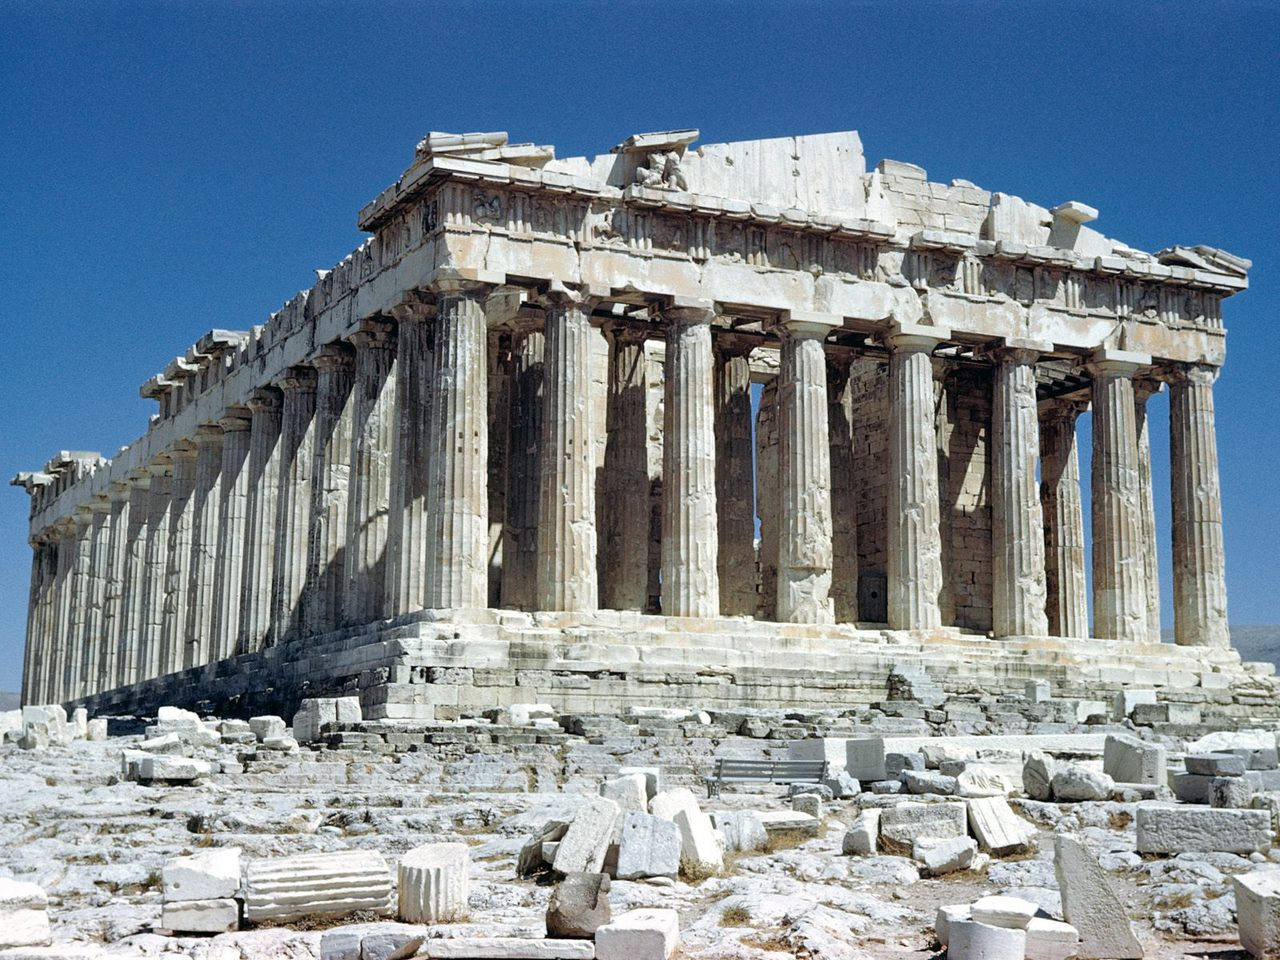 Arquitectura griega el partenon geohistoria apuntes for Arquitectura griega templos